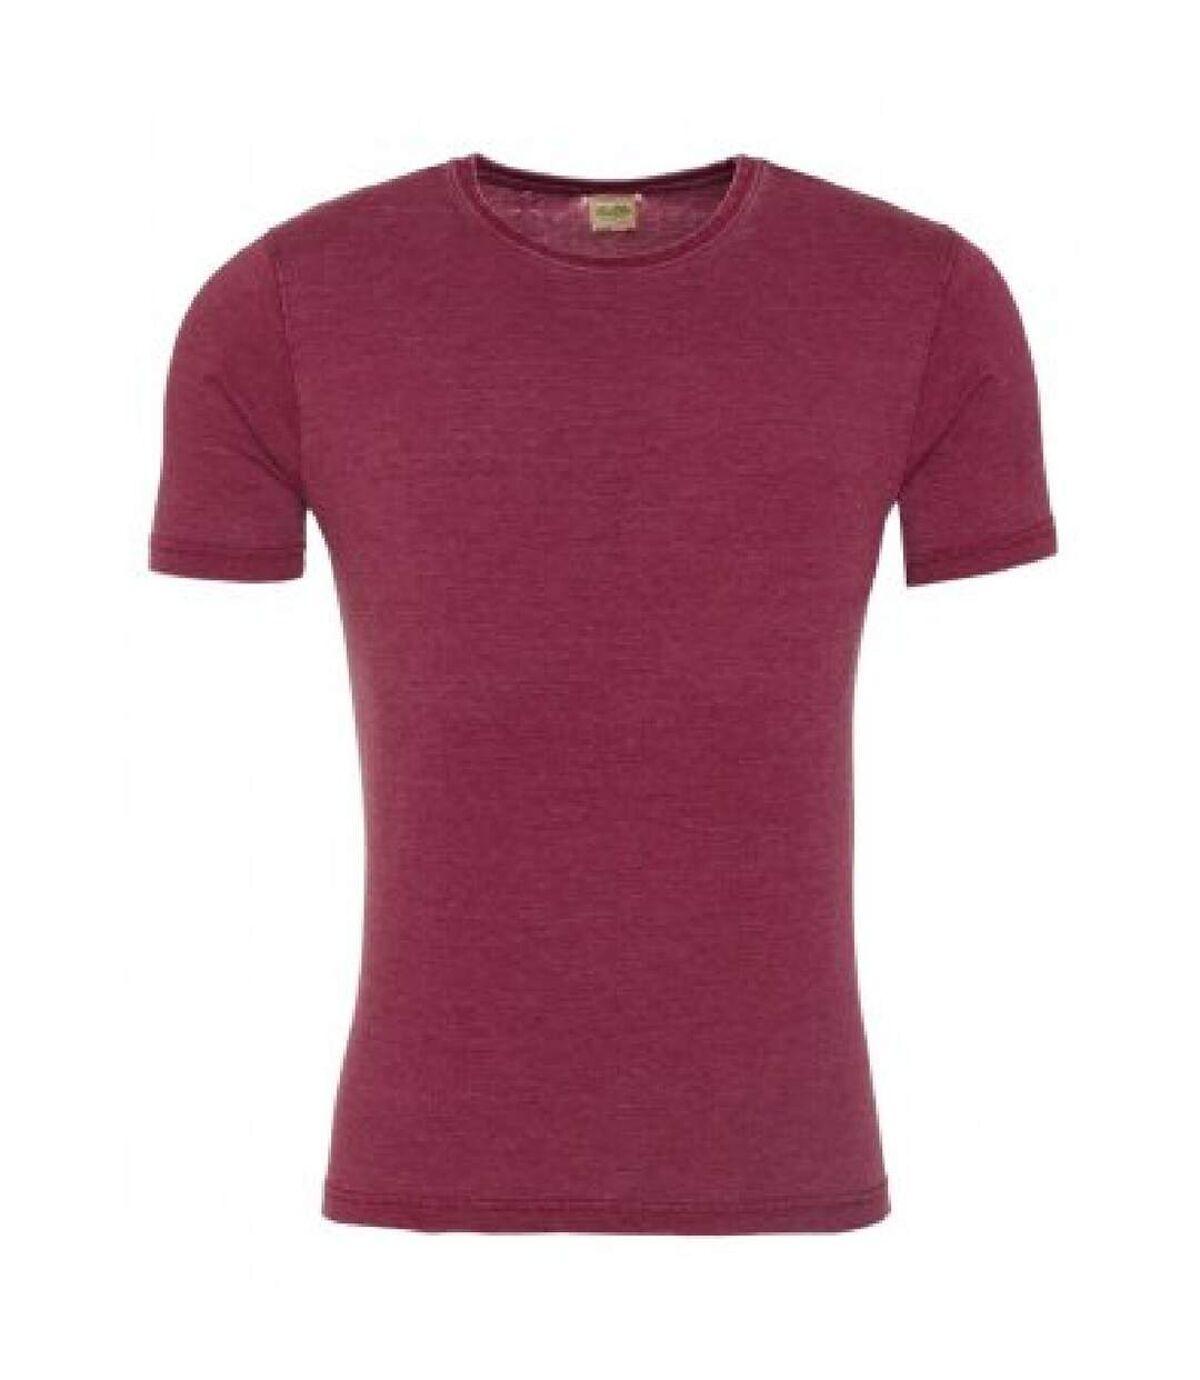 AWDis Mens Washed T Shirt (Washed Burgundy) - UTPC2899